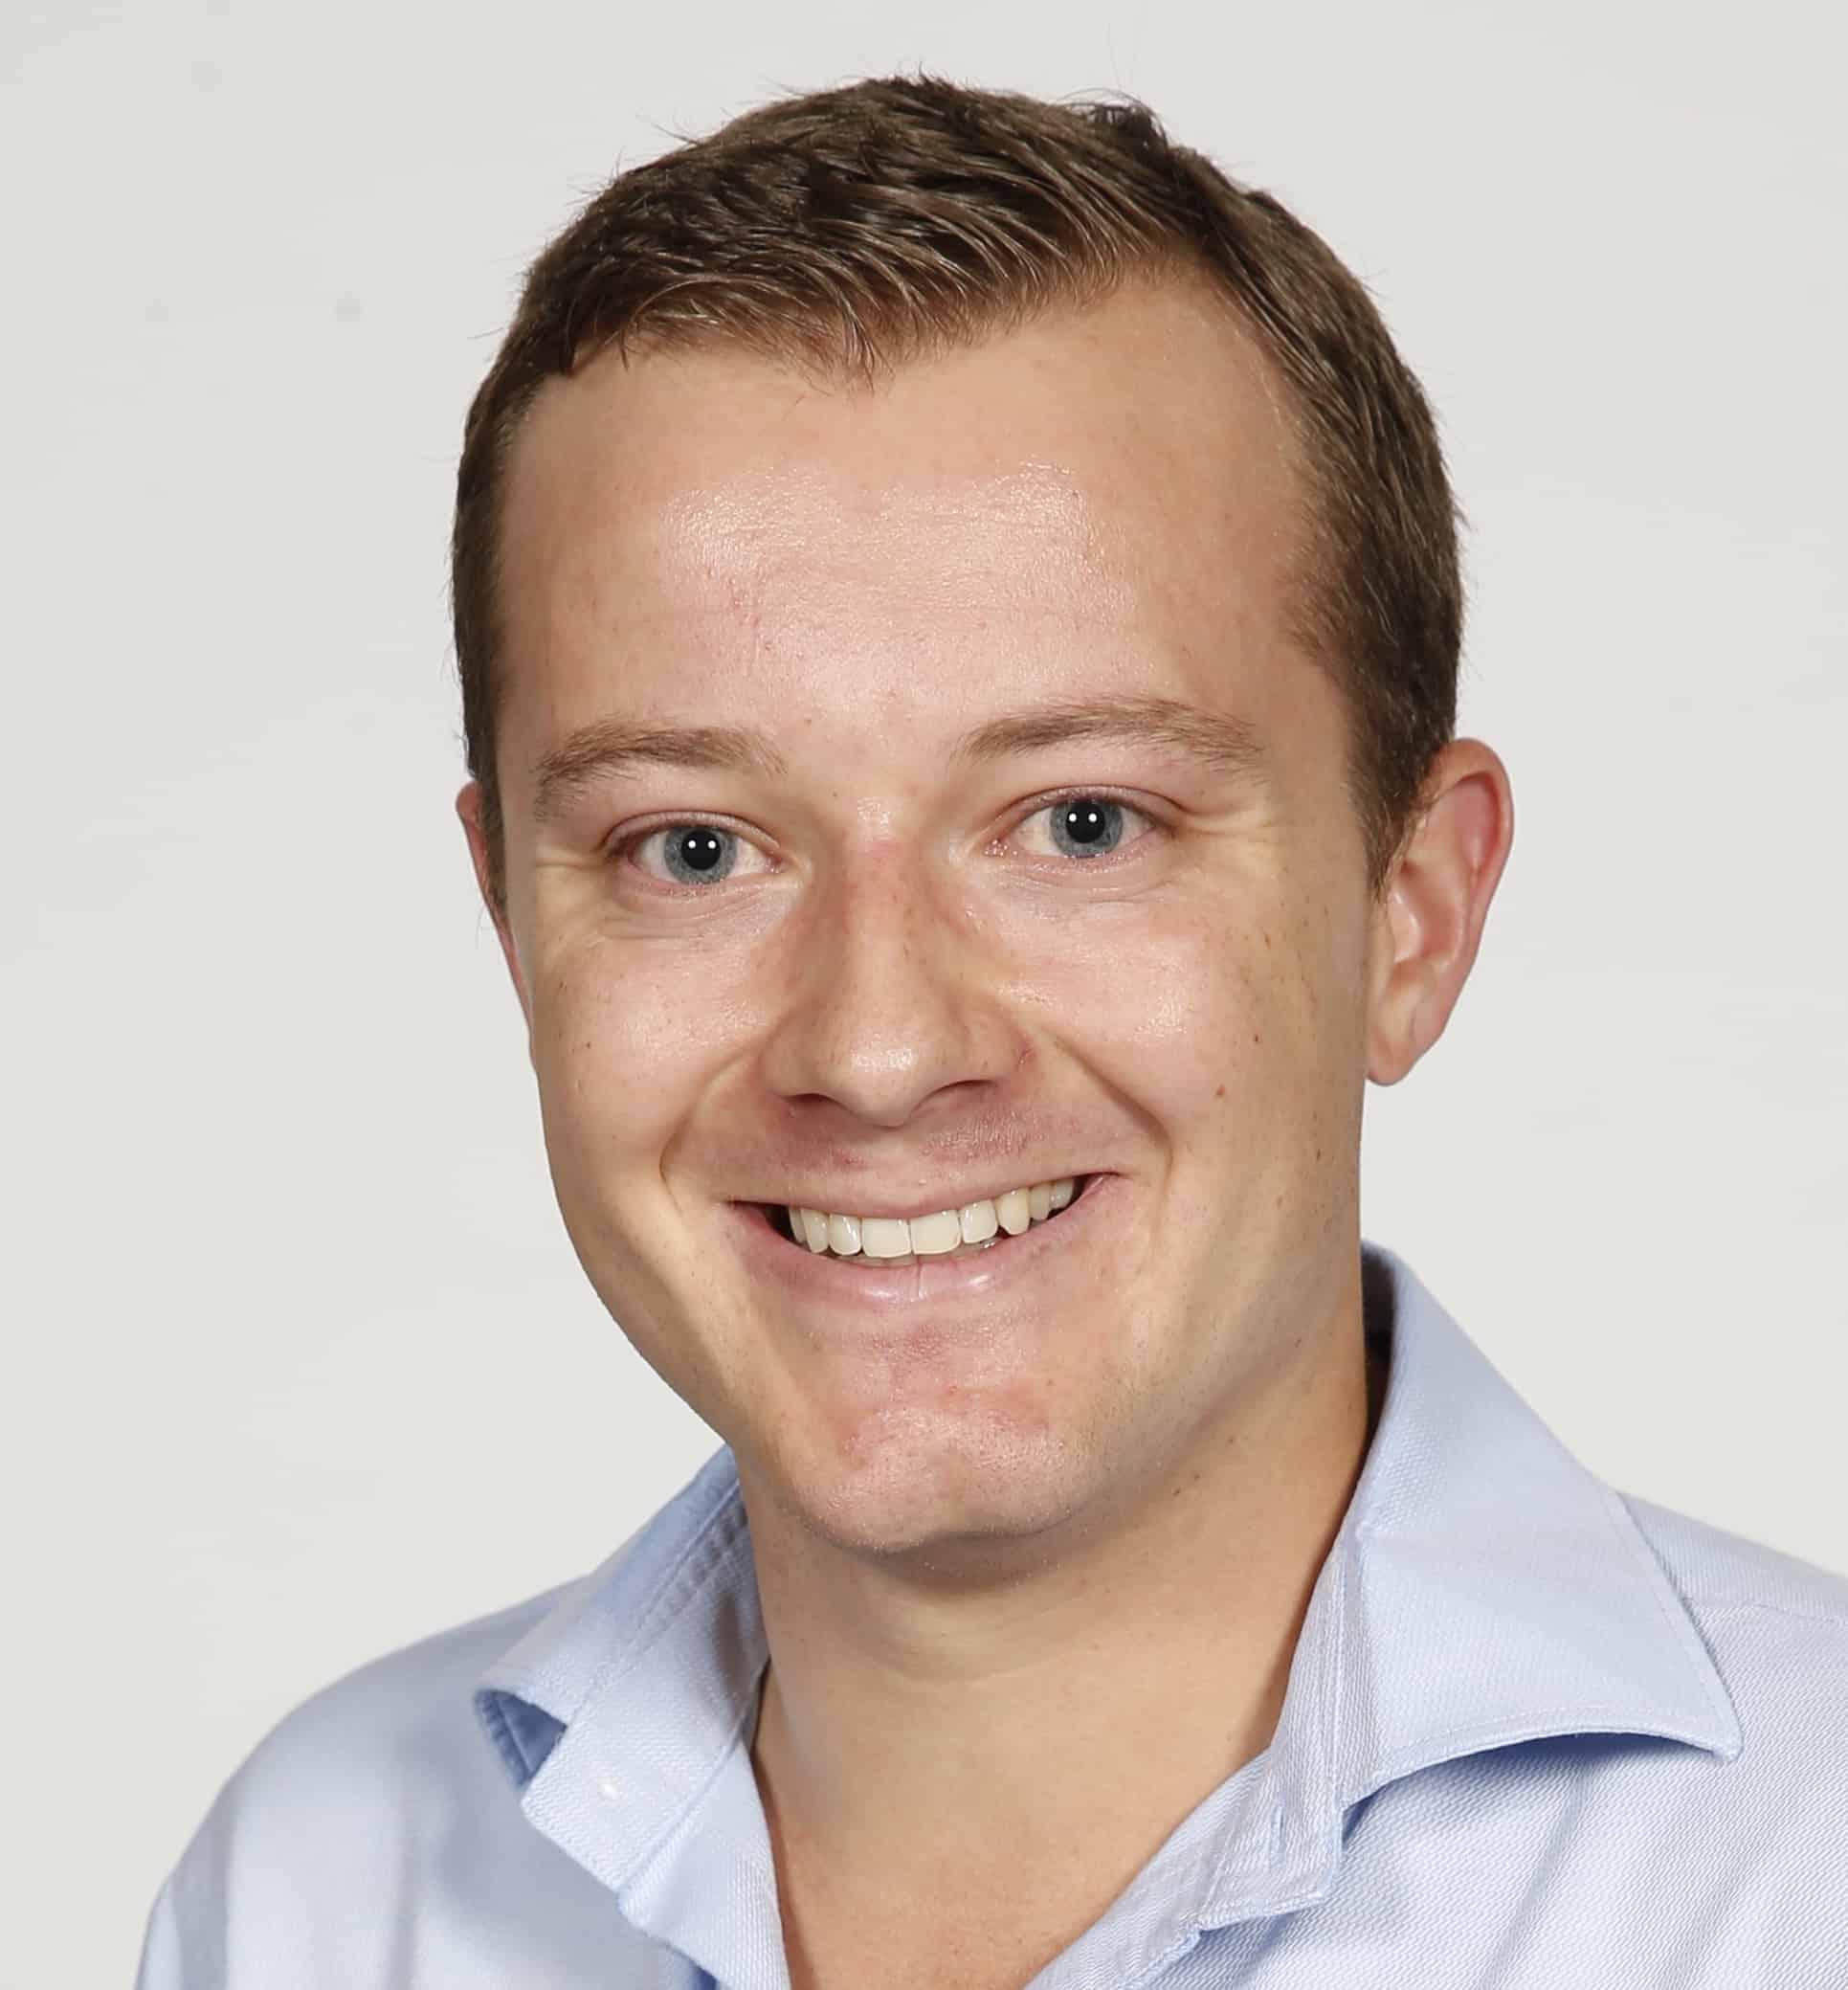 Scott Dalby